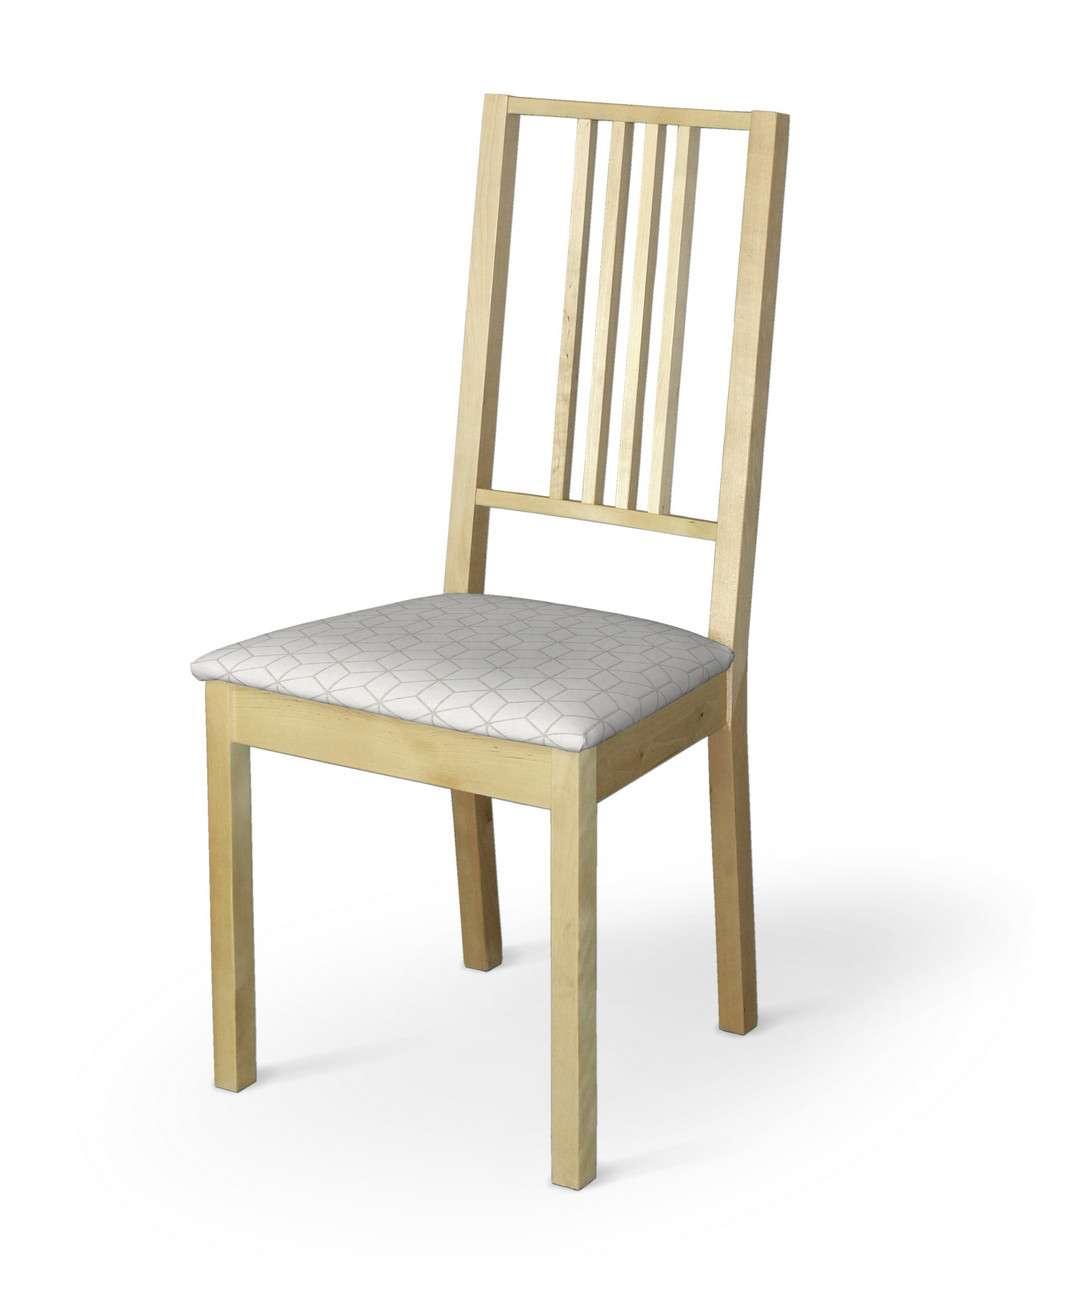 Pokrowiec na siedzisko Börje w kolekcji Sunny, tkanina: 143-51